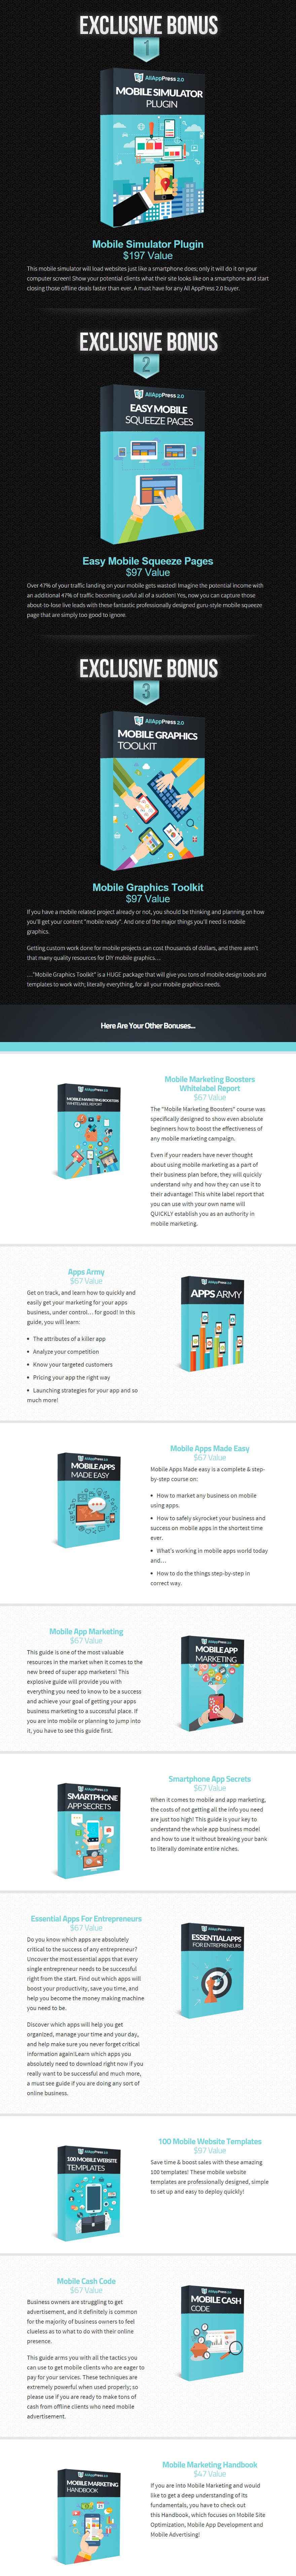 AllAppPress V2 Bonuses